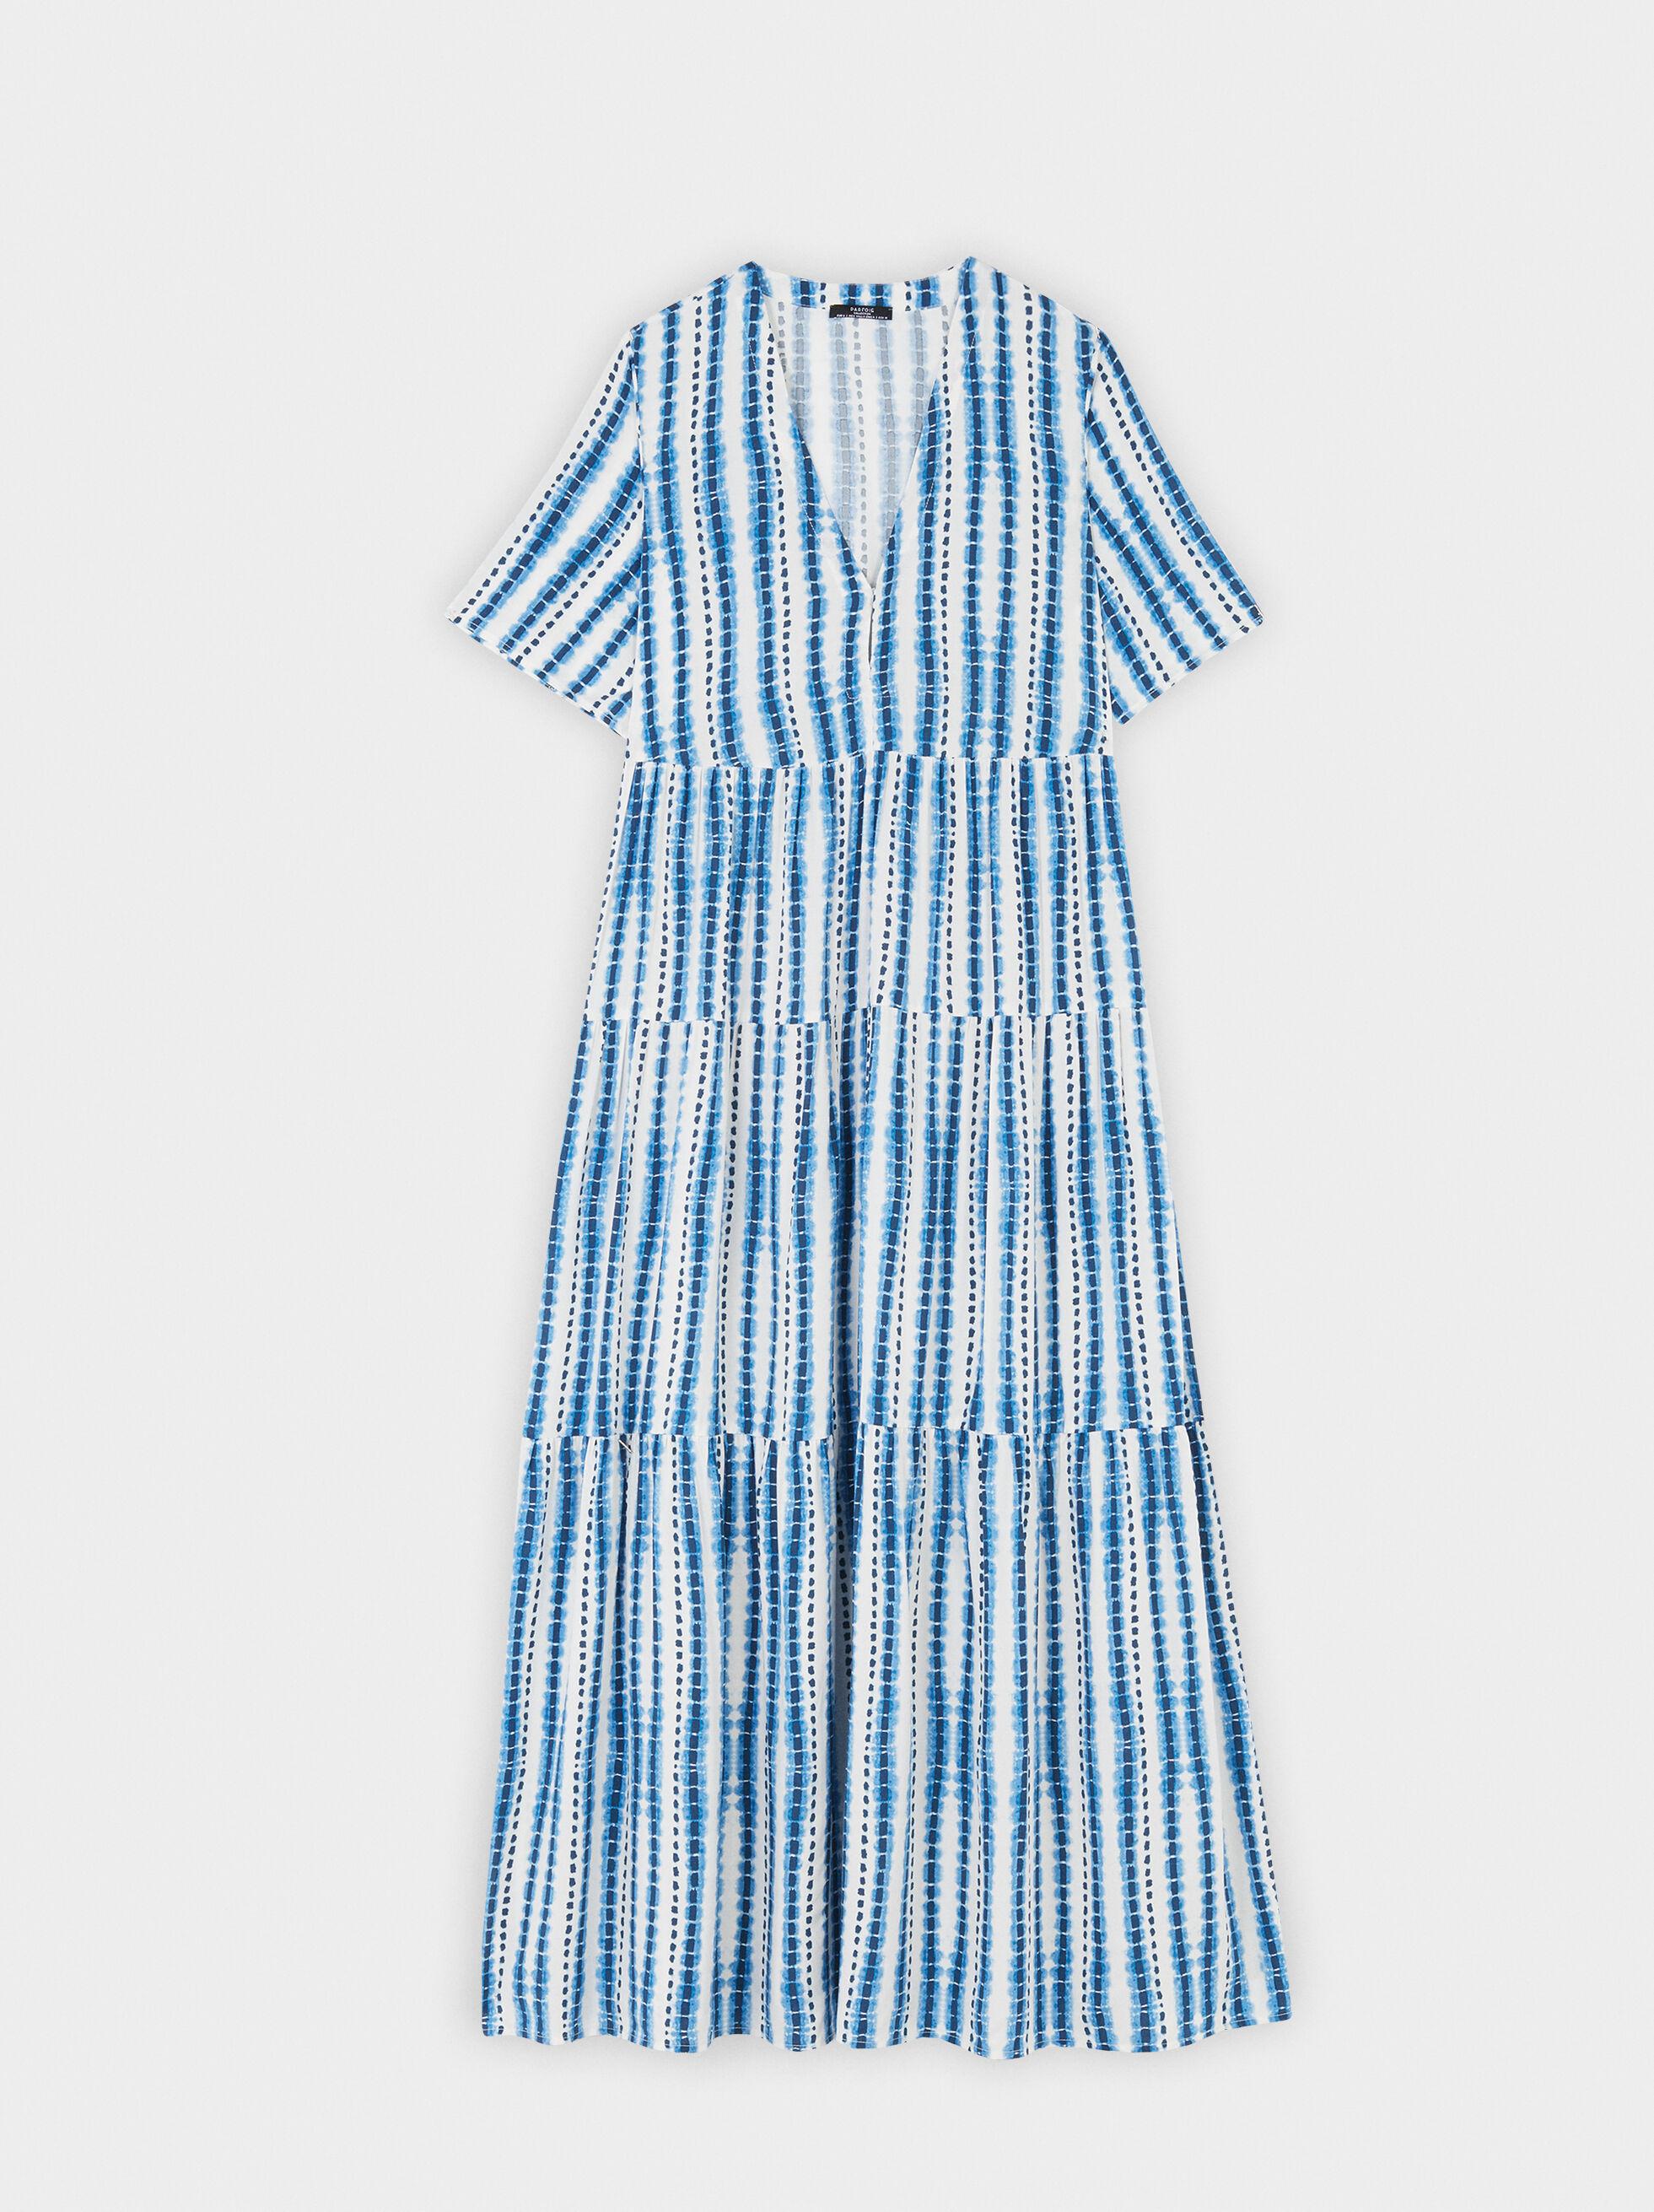 V-Neck Dress With Full Skirt, Blue, hi-res